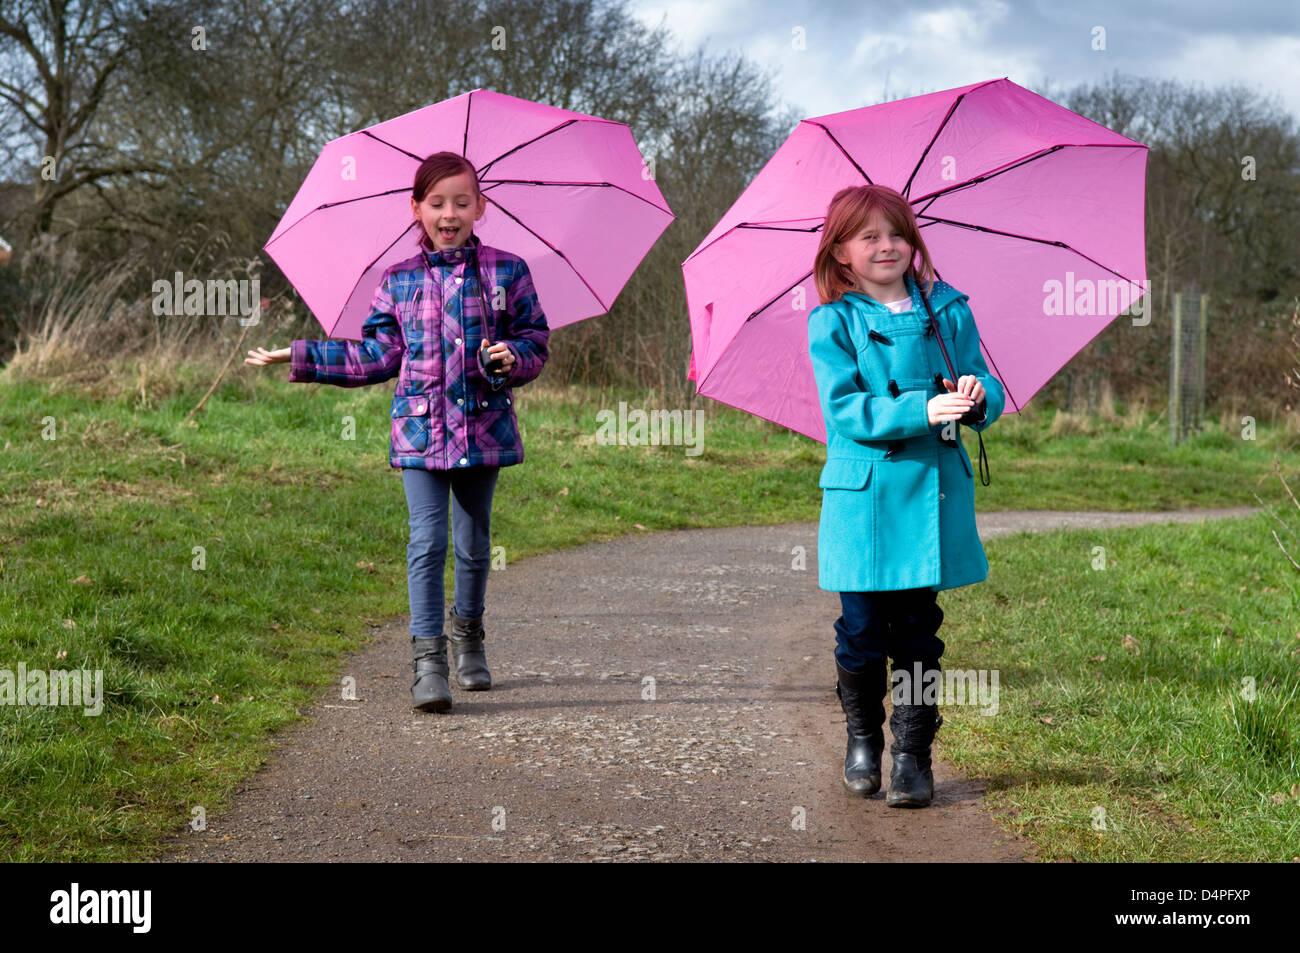 Zwei 8 jährige kaukasische Mädchen mit rosa Schirmen bergauf Stockbild